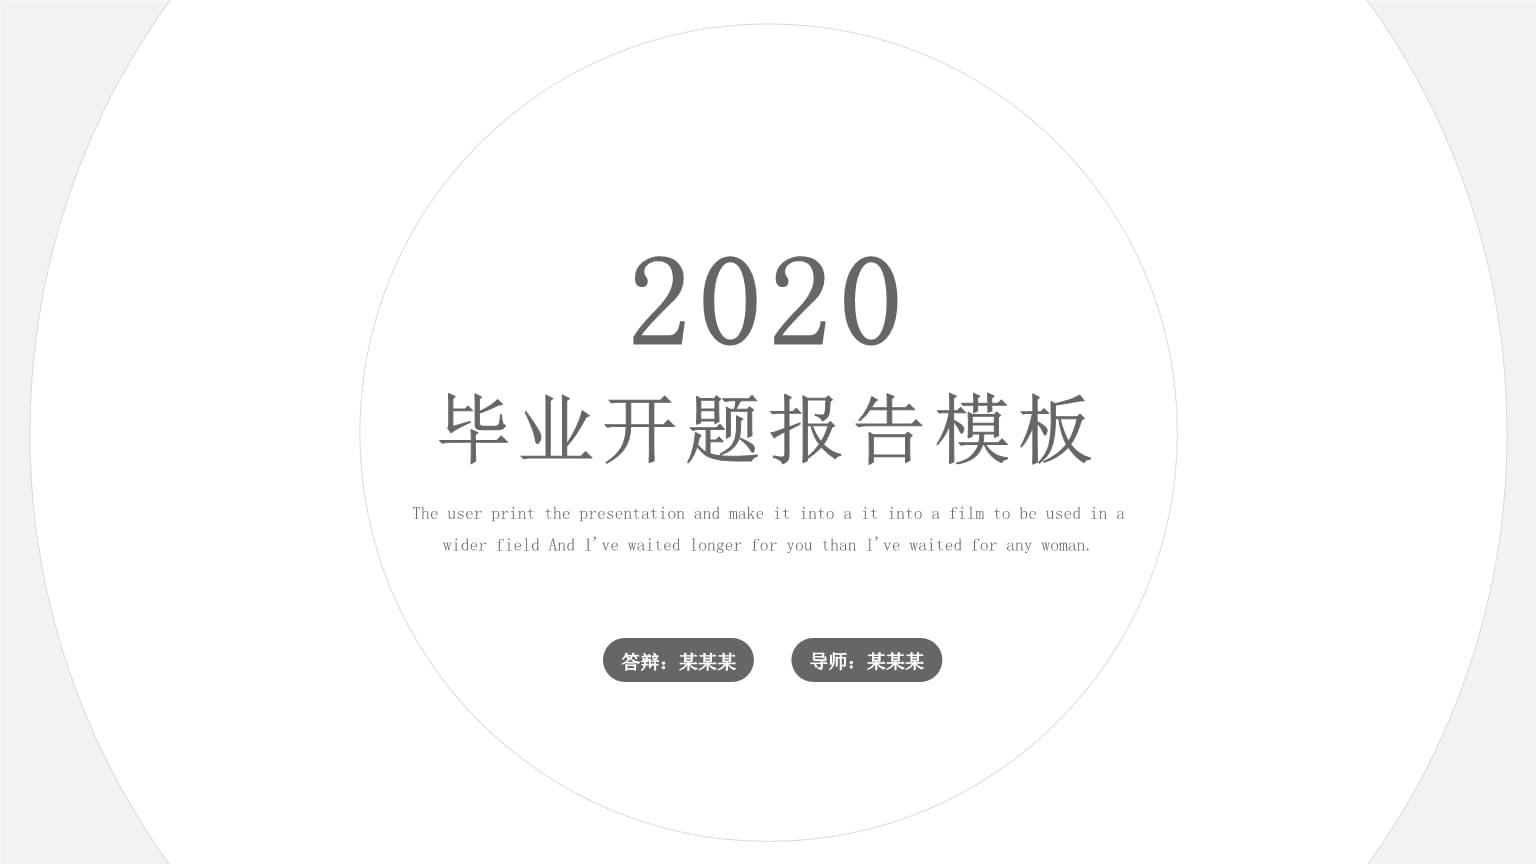 黑白2020毕业开题报告ppt模板.pptx